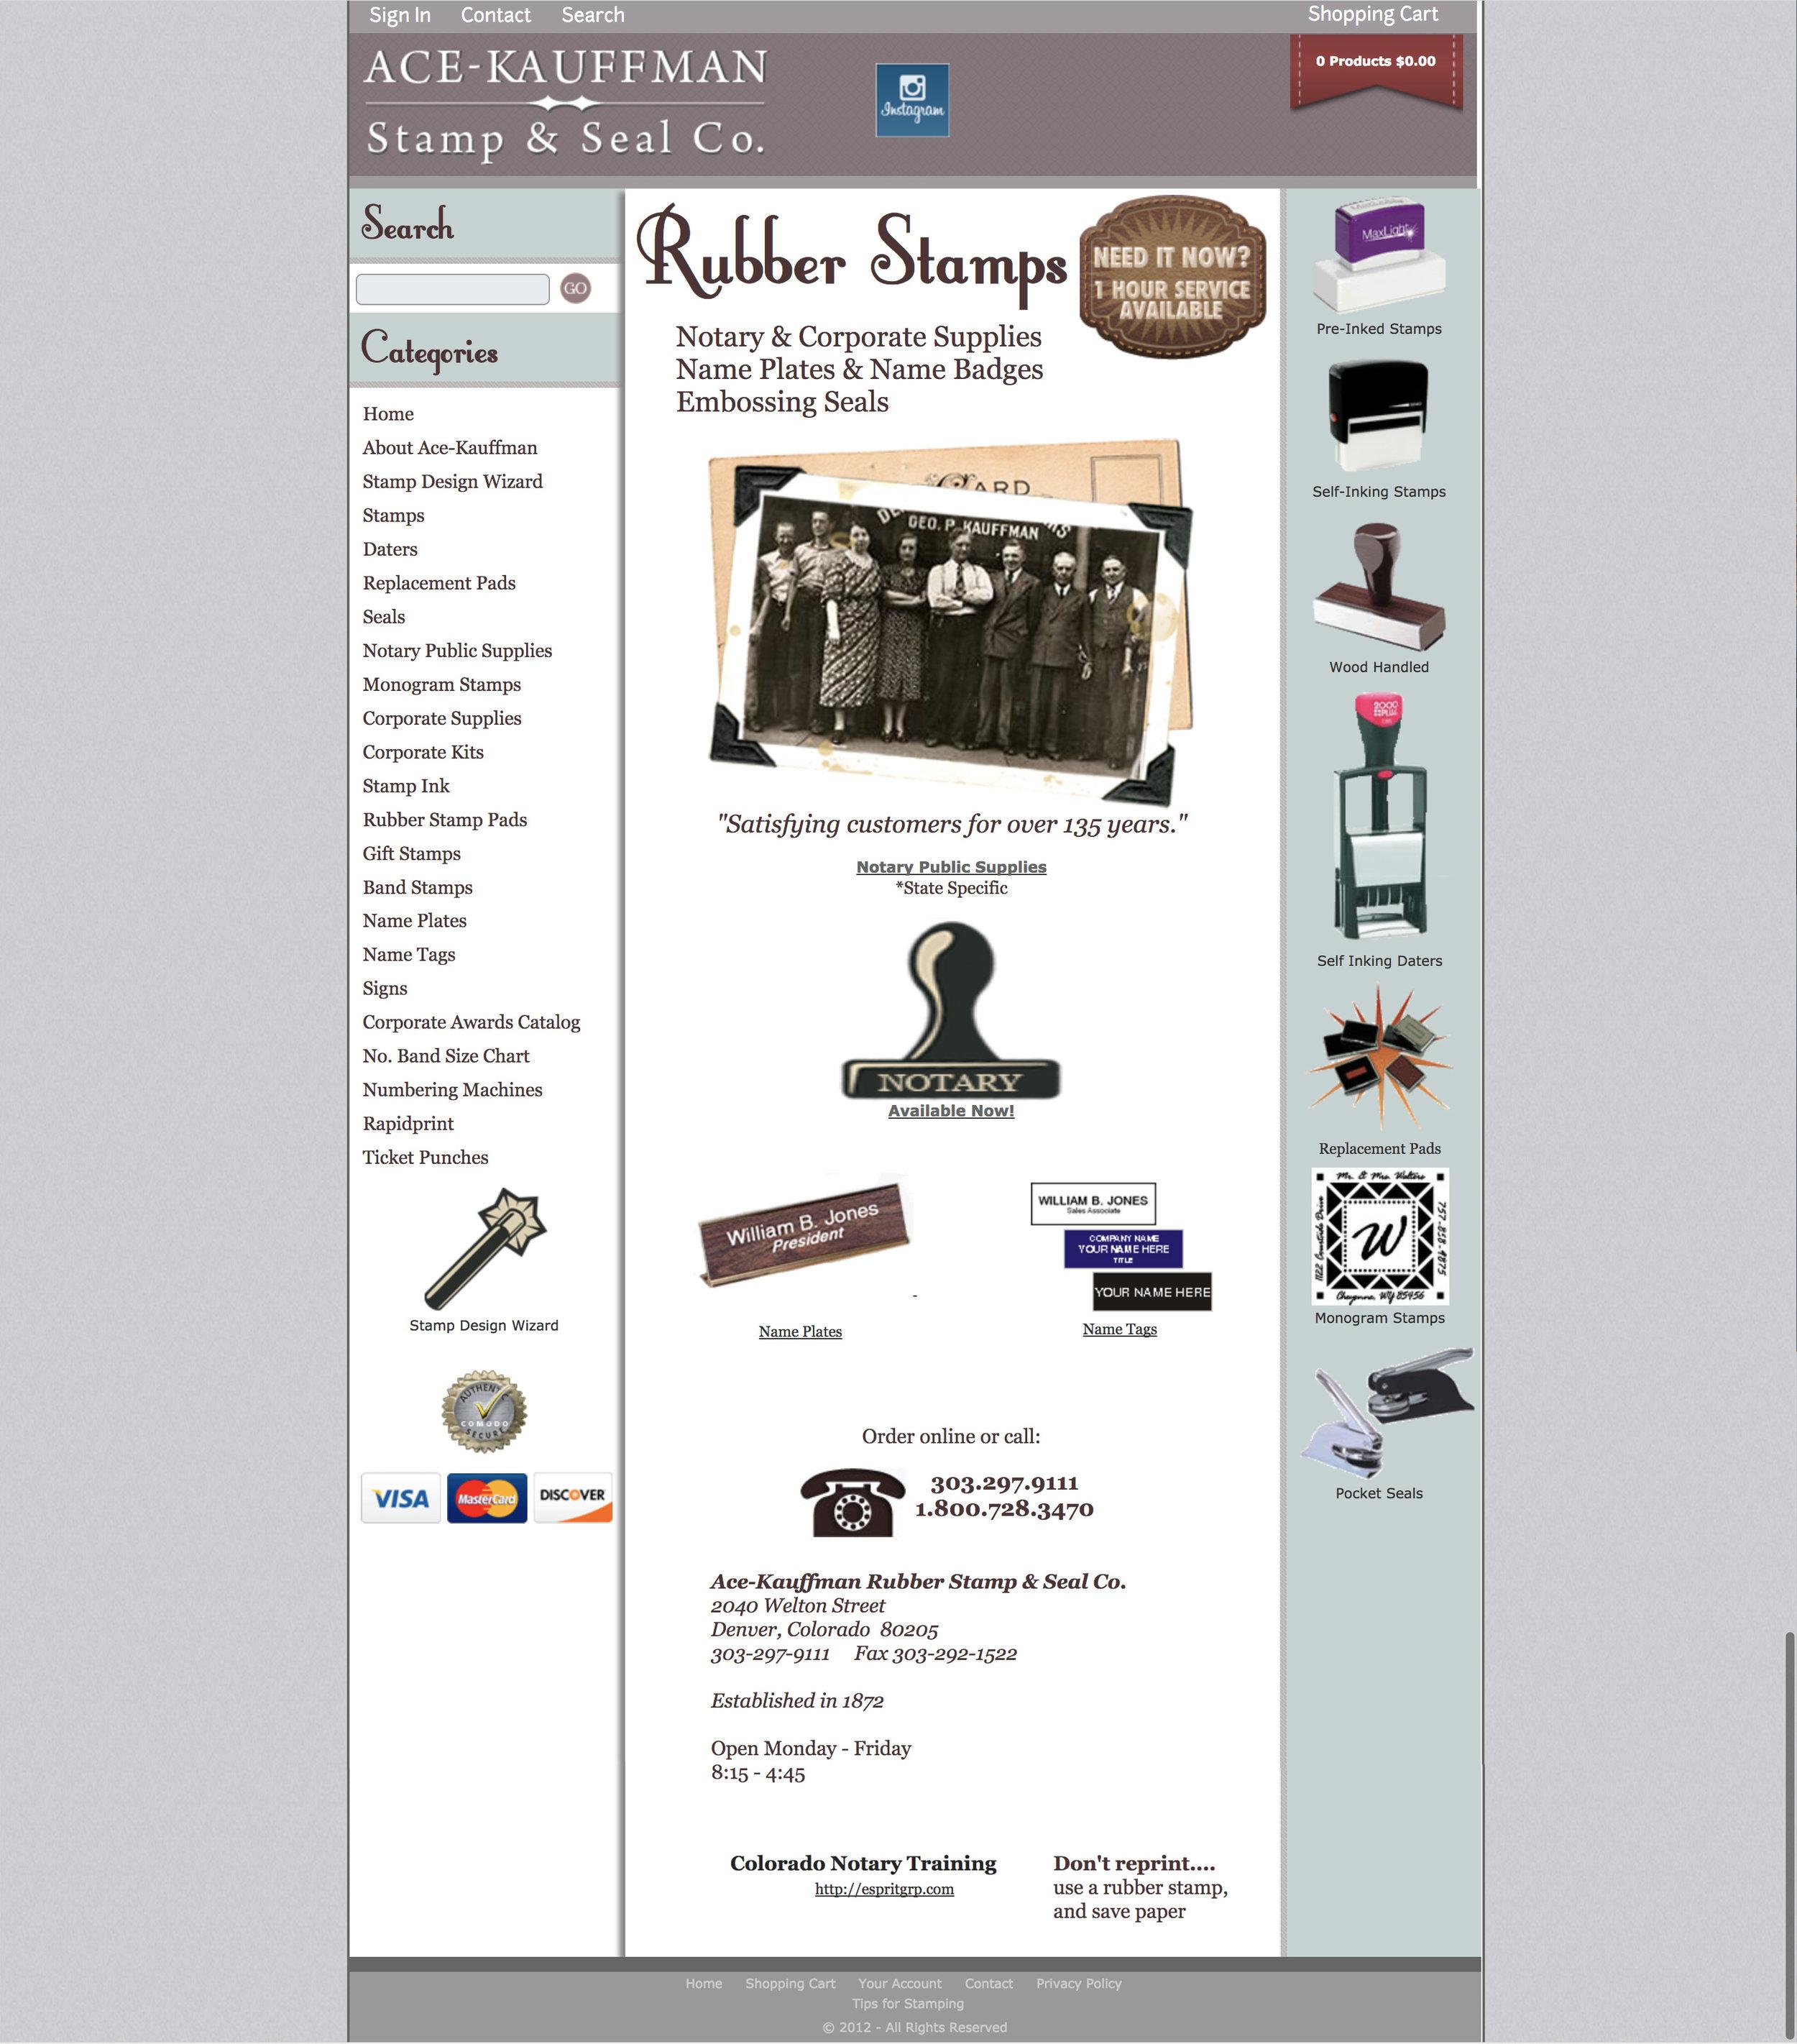 Home_Screen.jpg